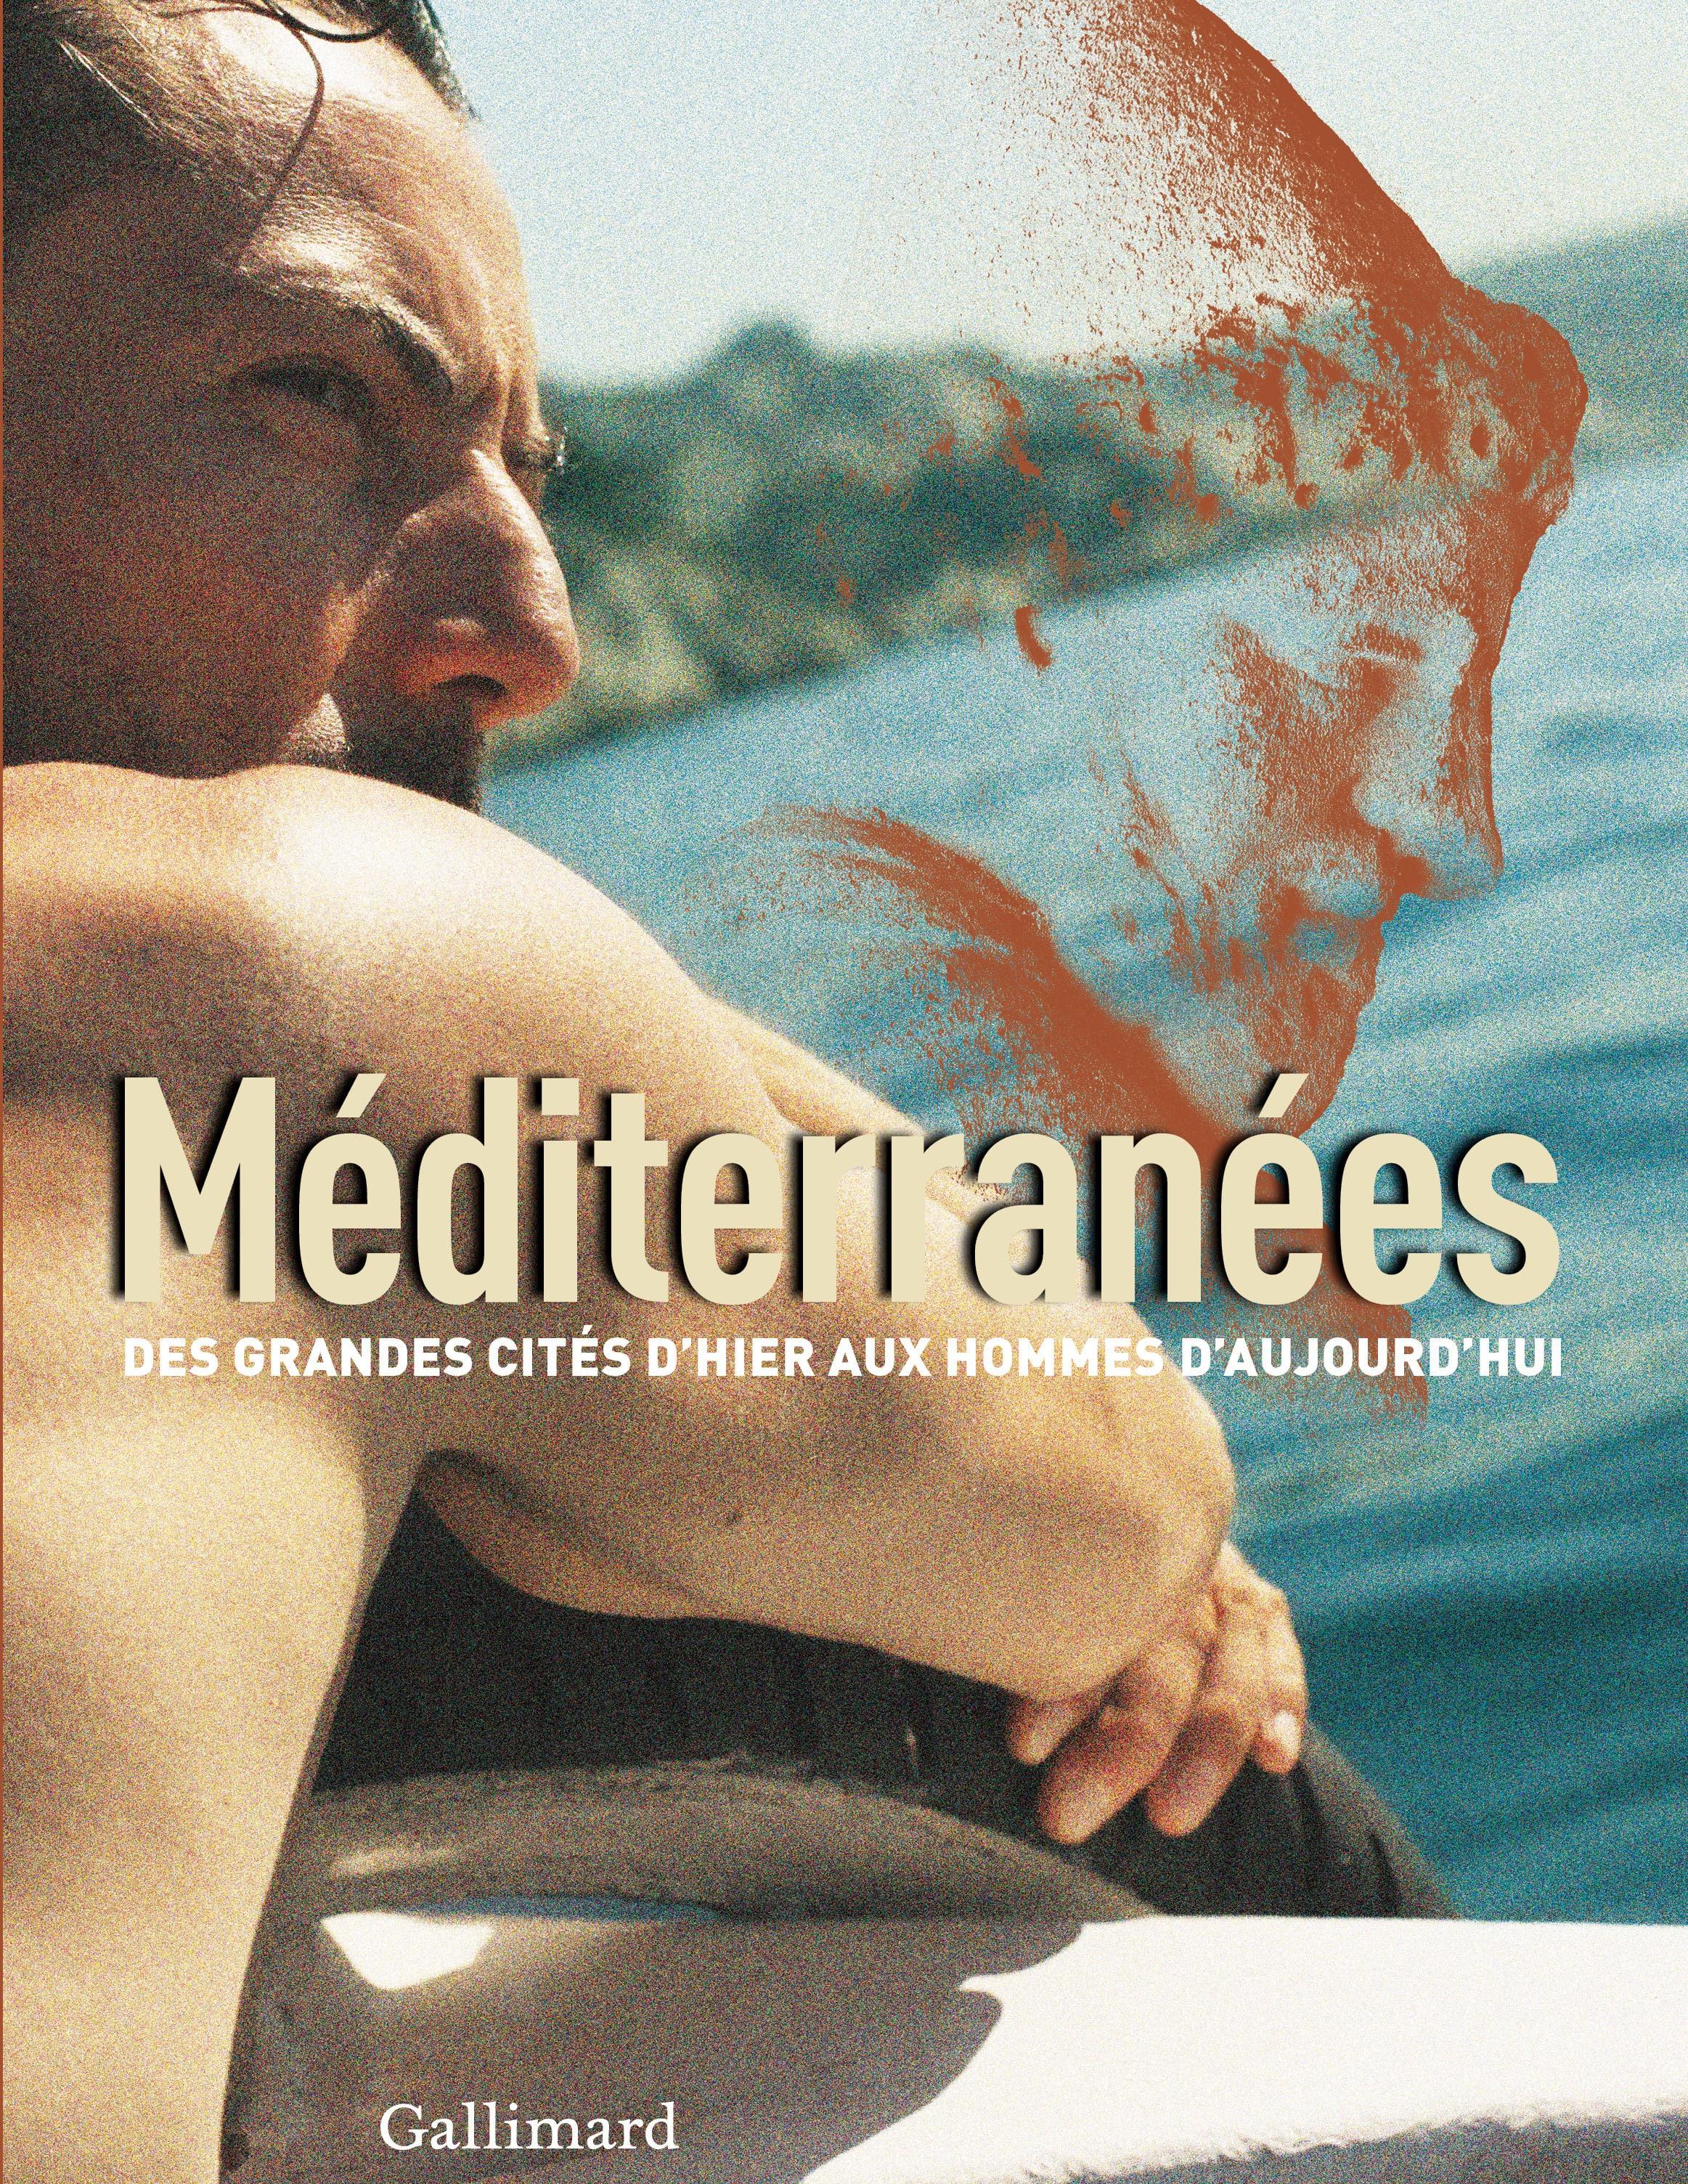 Méditerranées, des grandes cités d'hier aux hommes d'aujourd'hui.jpg